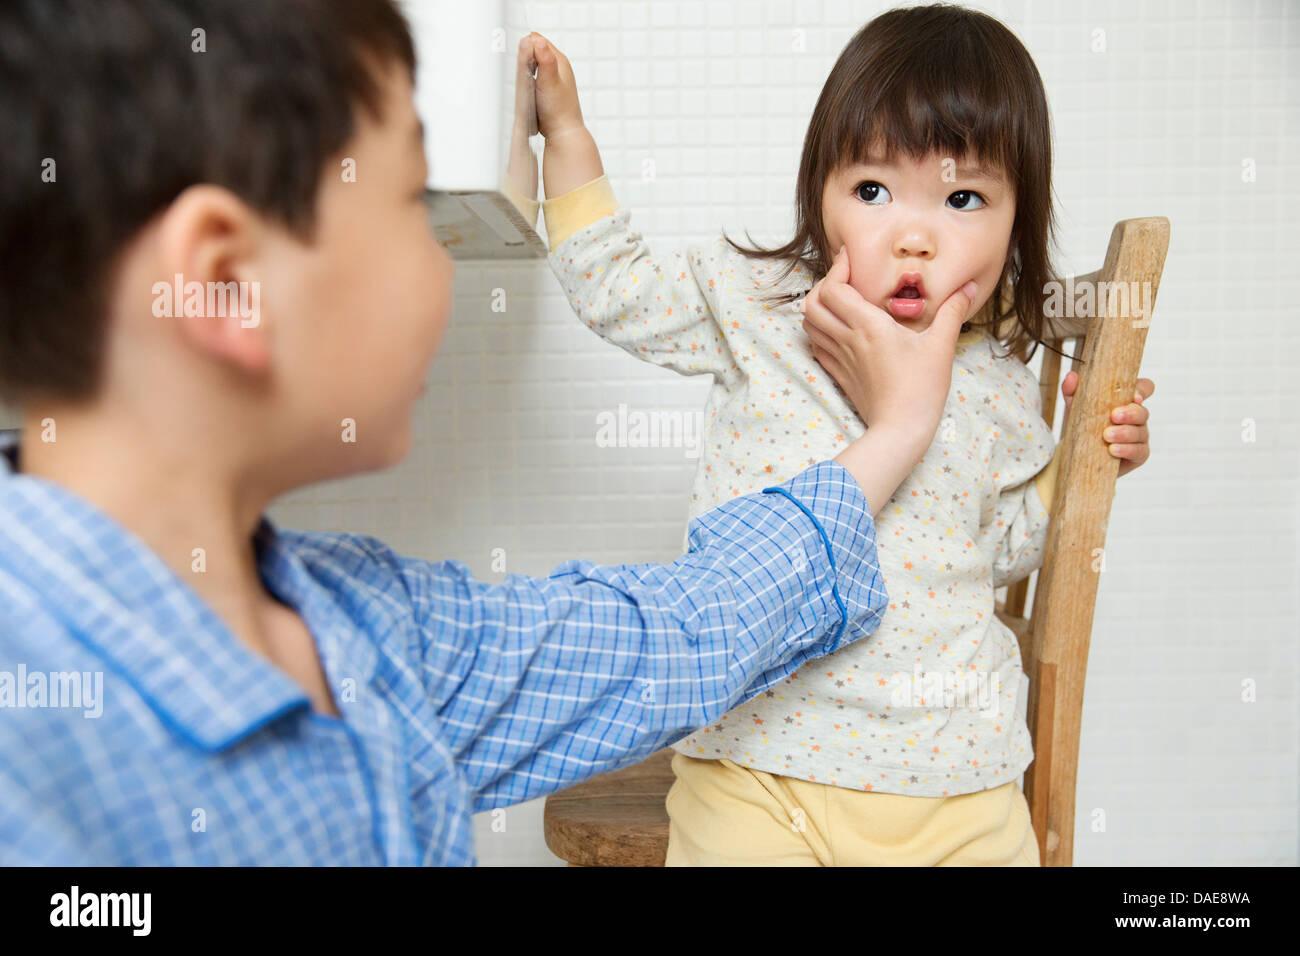 Travesso irmão jovens irmãs enfrentam Imagens de Stock